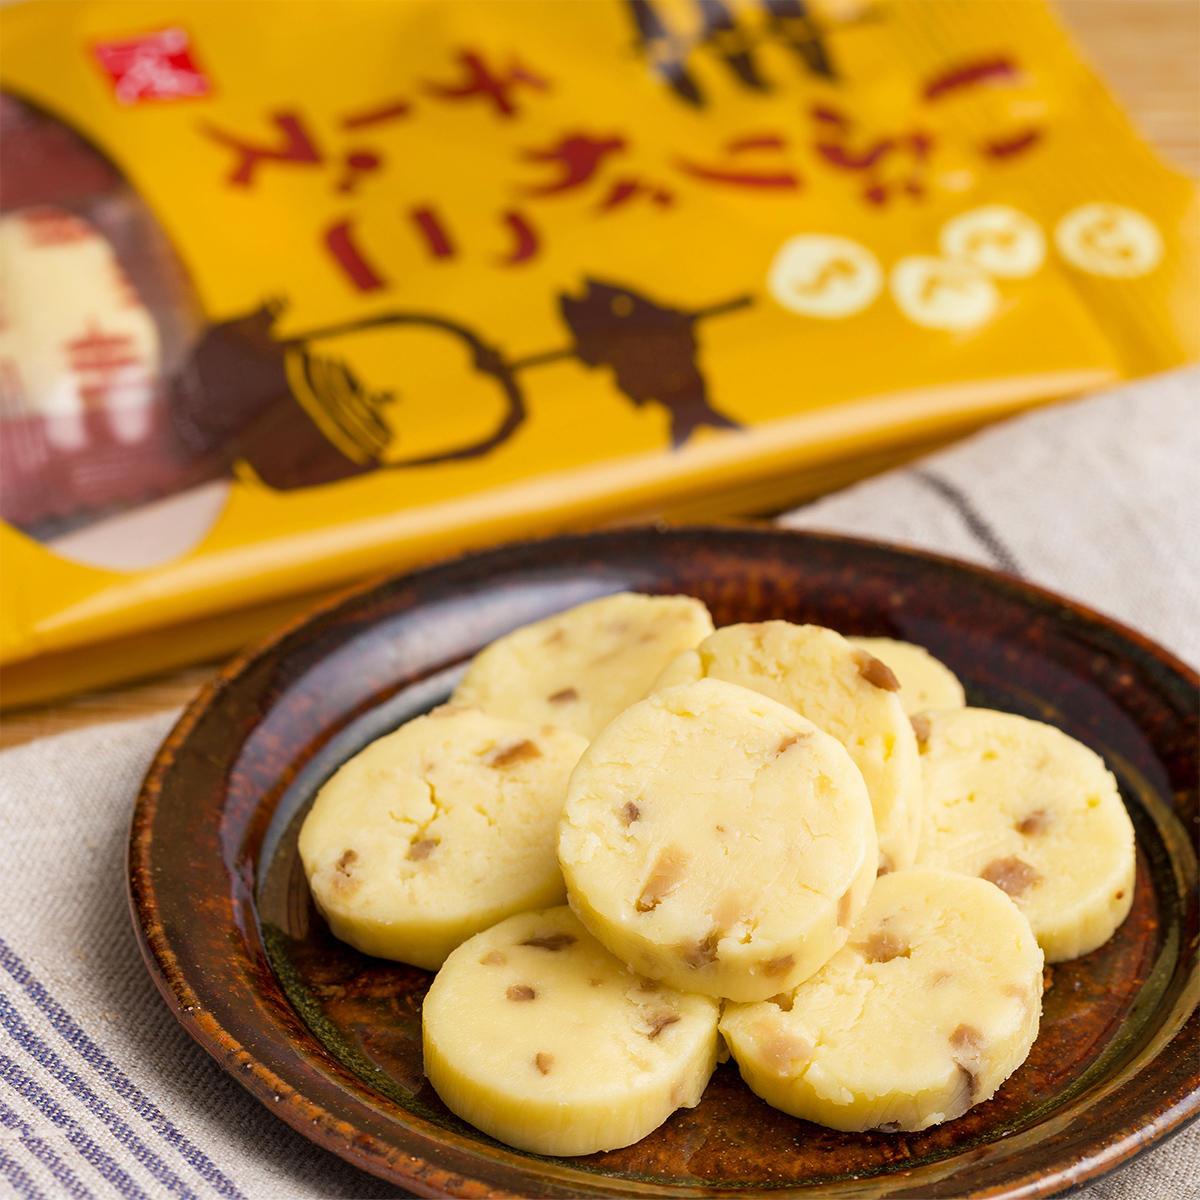 おいしい北海道202110_ひとくちいぶりがっこチーズ